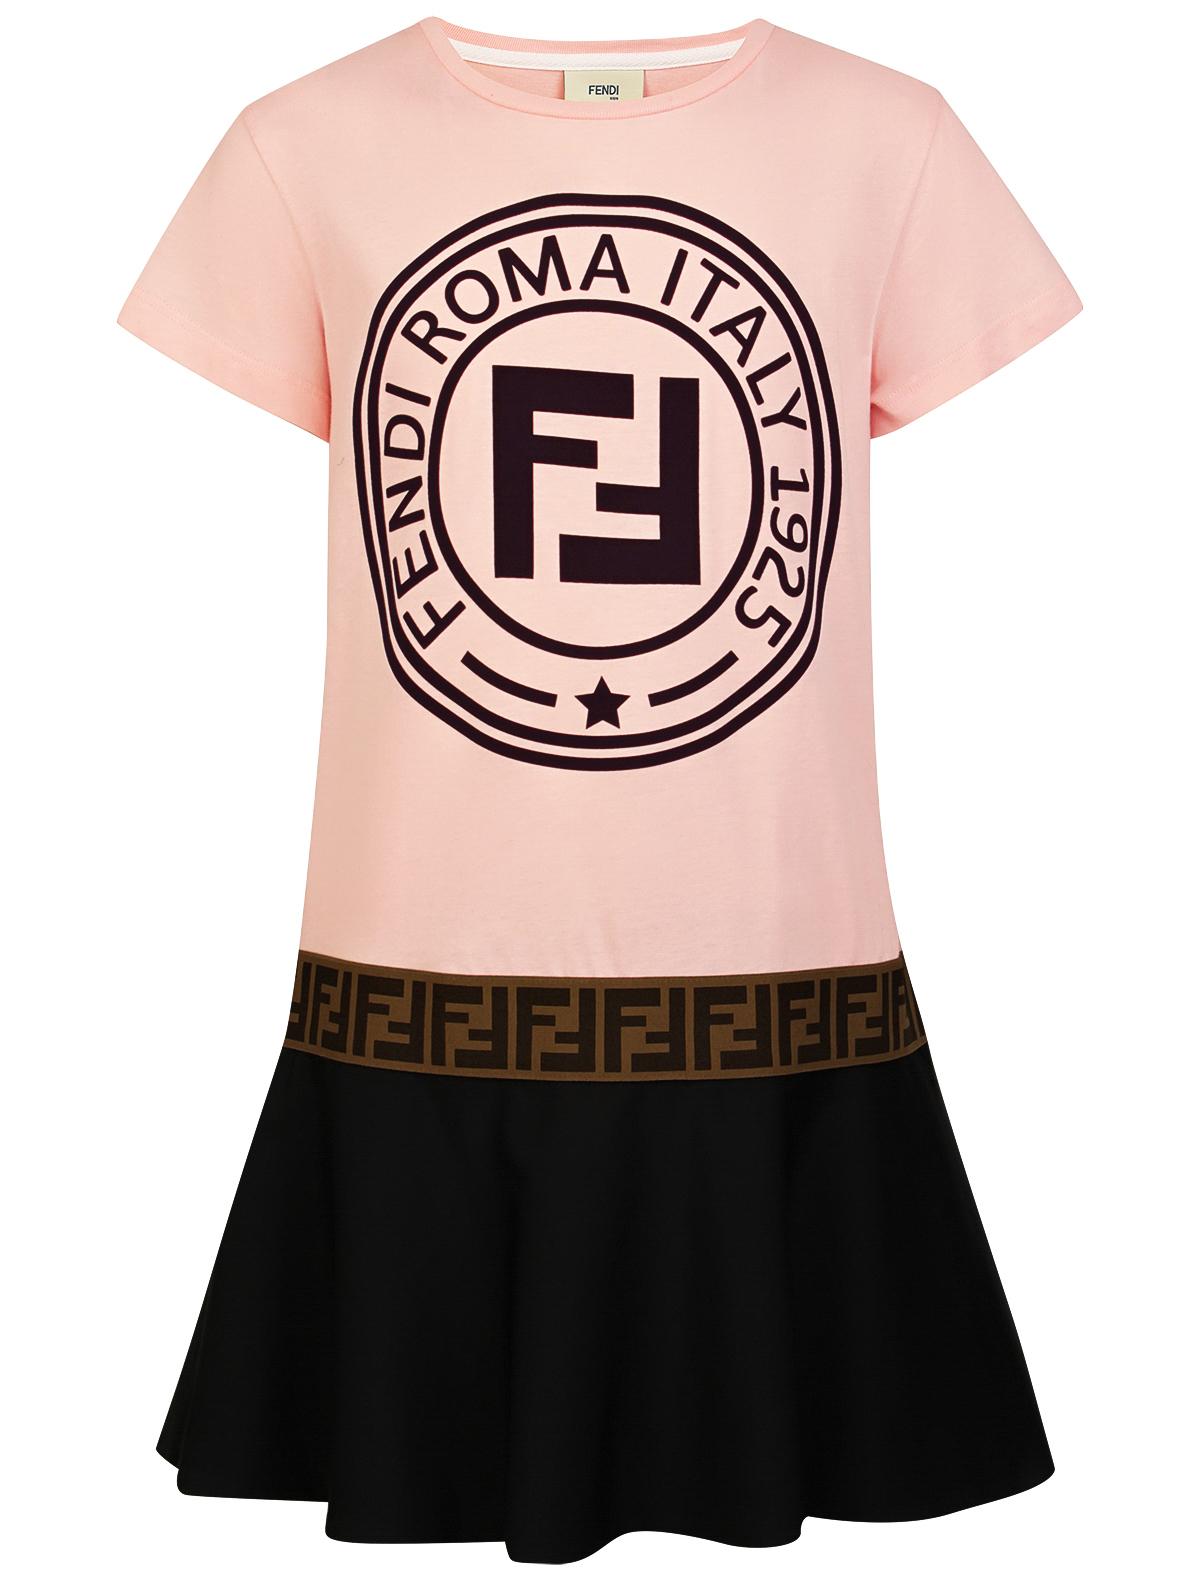 Купить 2108744, Платье Fendi, розовый, Женский, 1052609980701